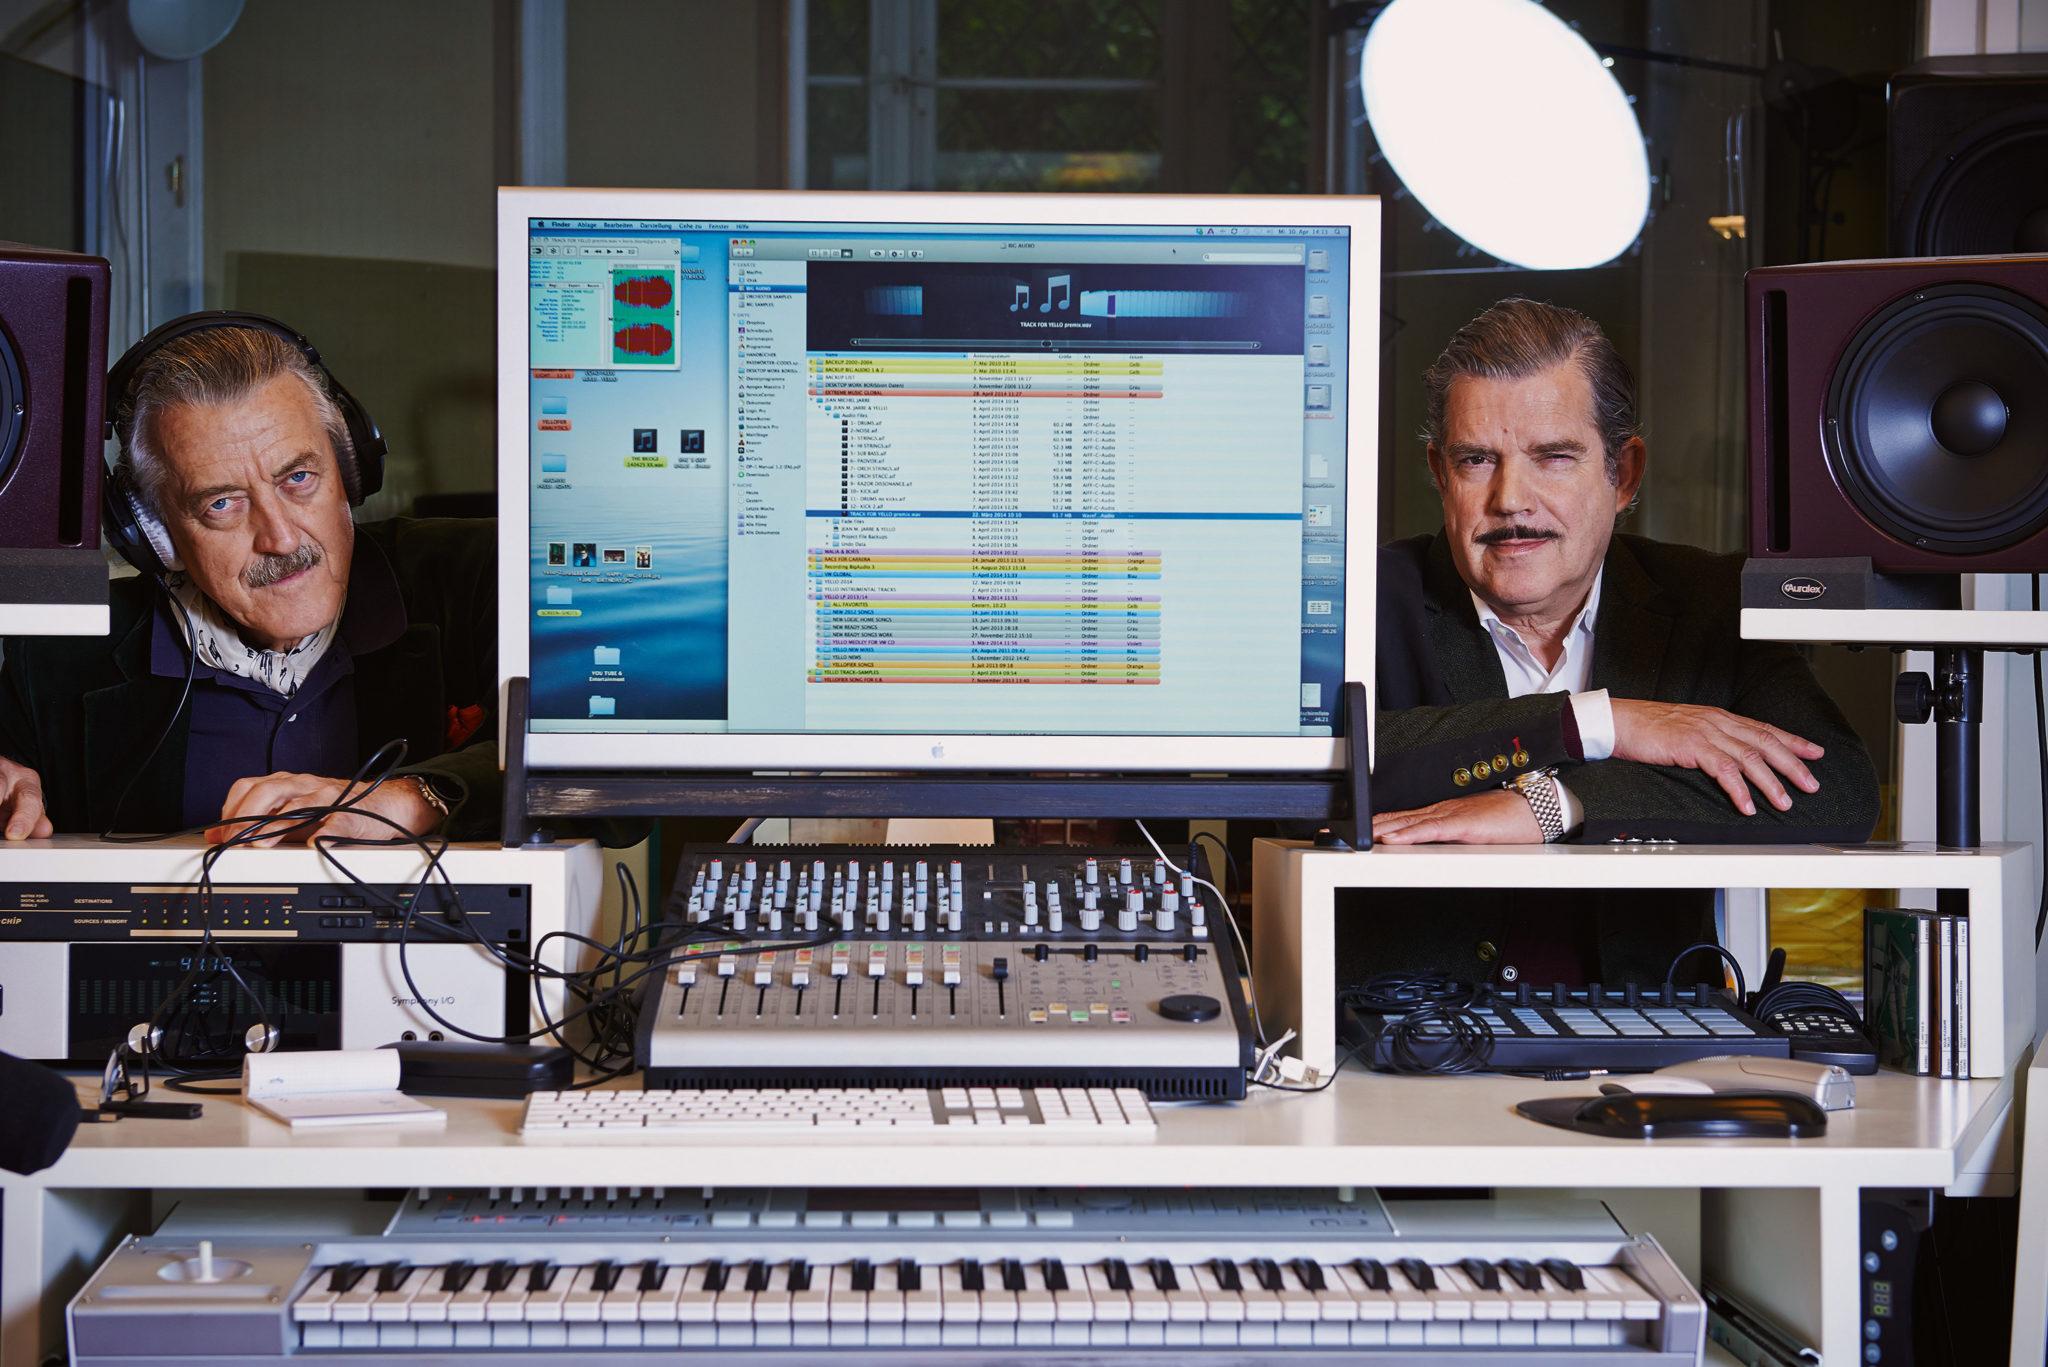 Dieter Meier und Boris Blank posieren in ihrem Tonstudio. Links steht Meier, Blank rechts. in der Mitte ein Mac-Computer.